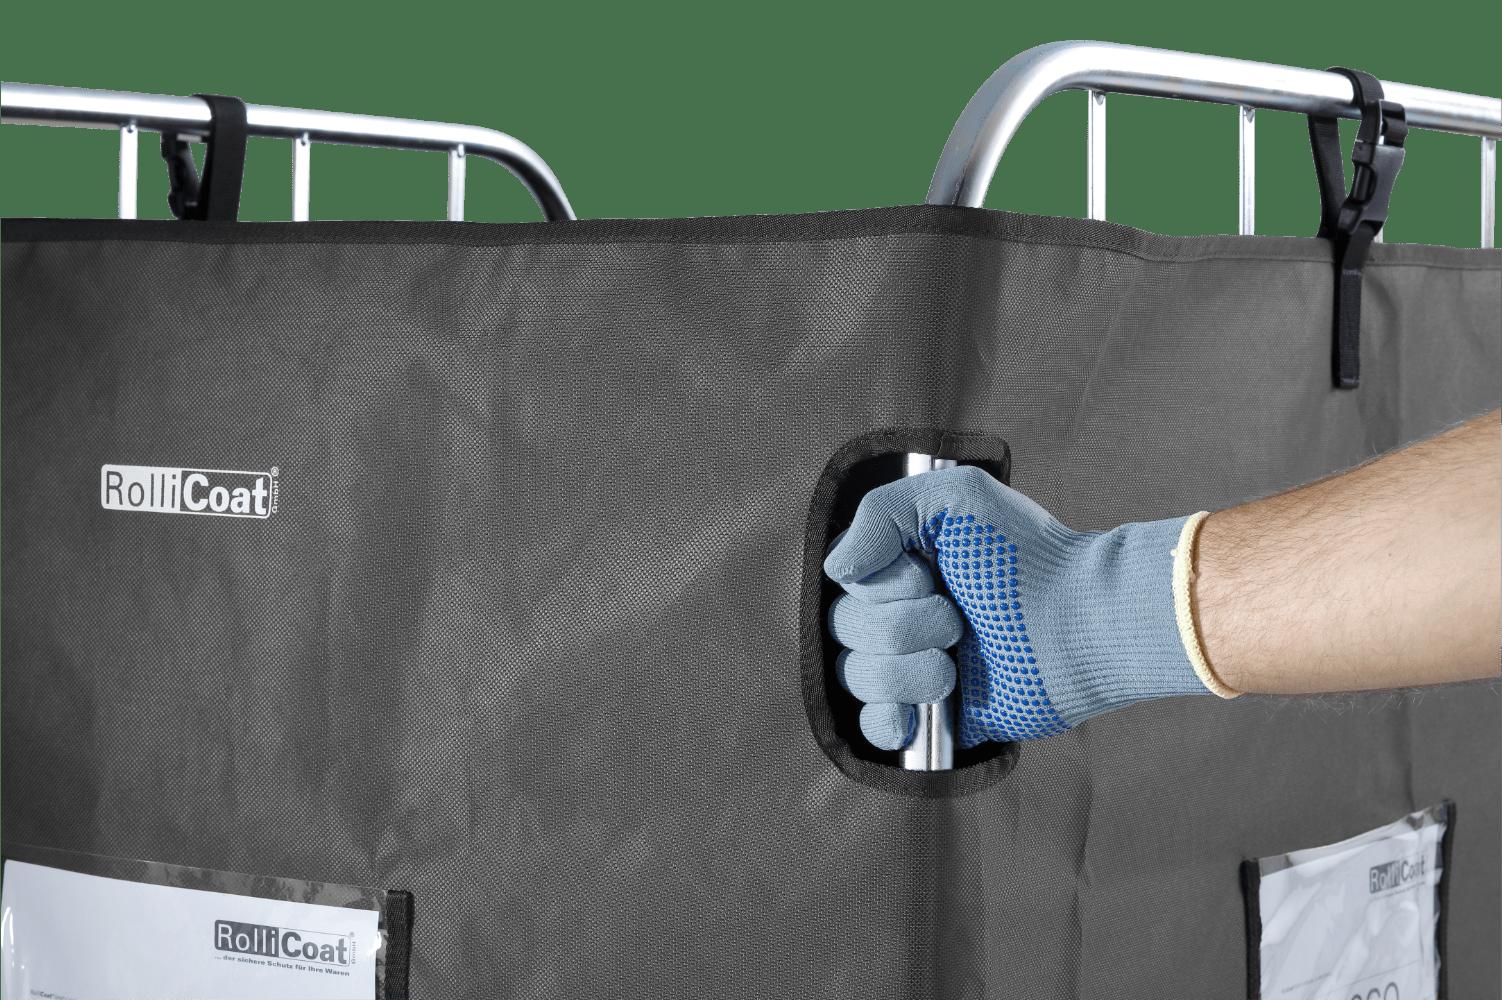 Rollicoat | Schiebeeingriff